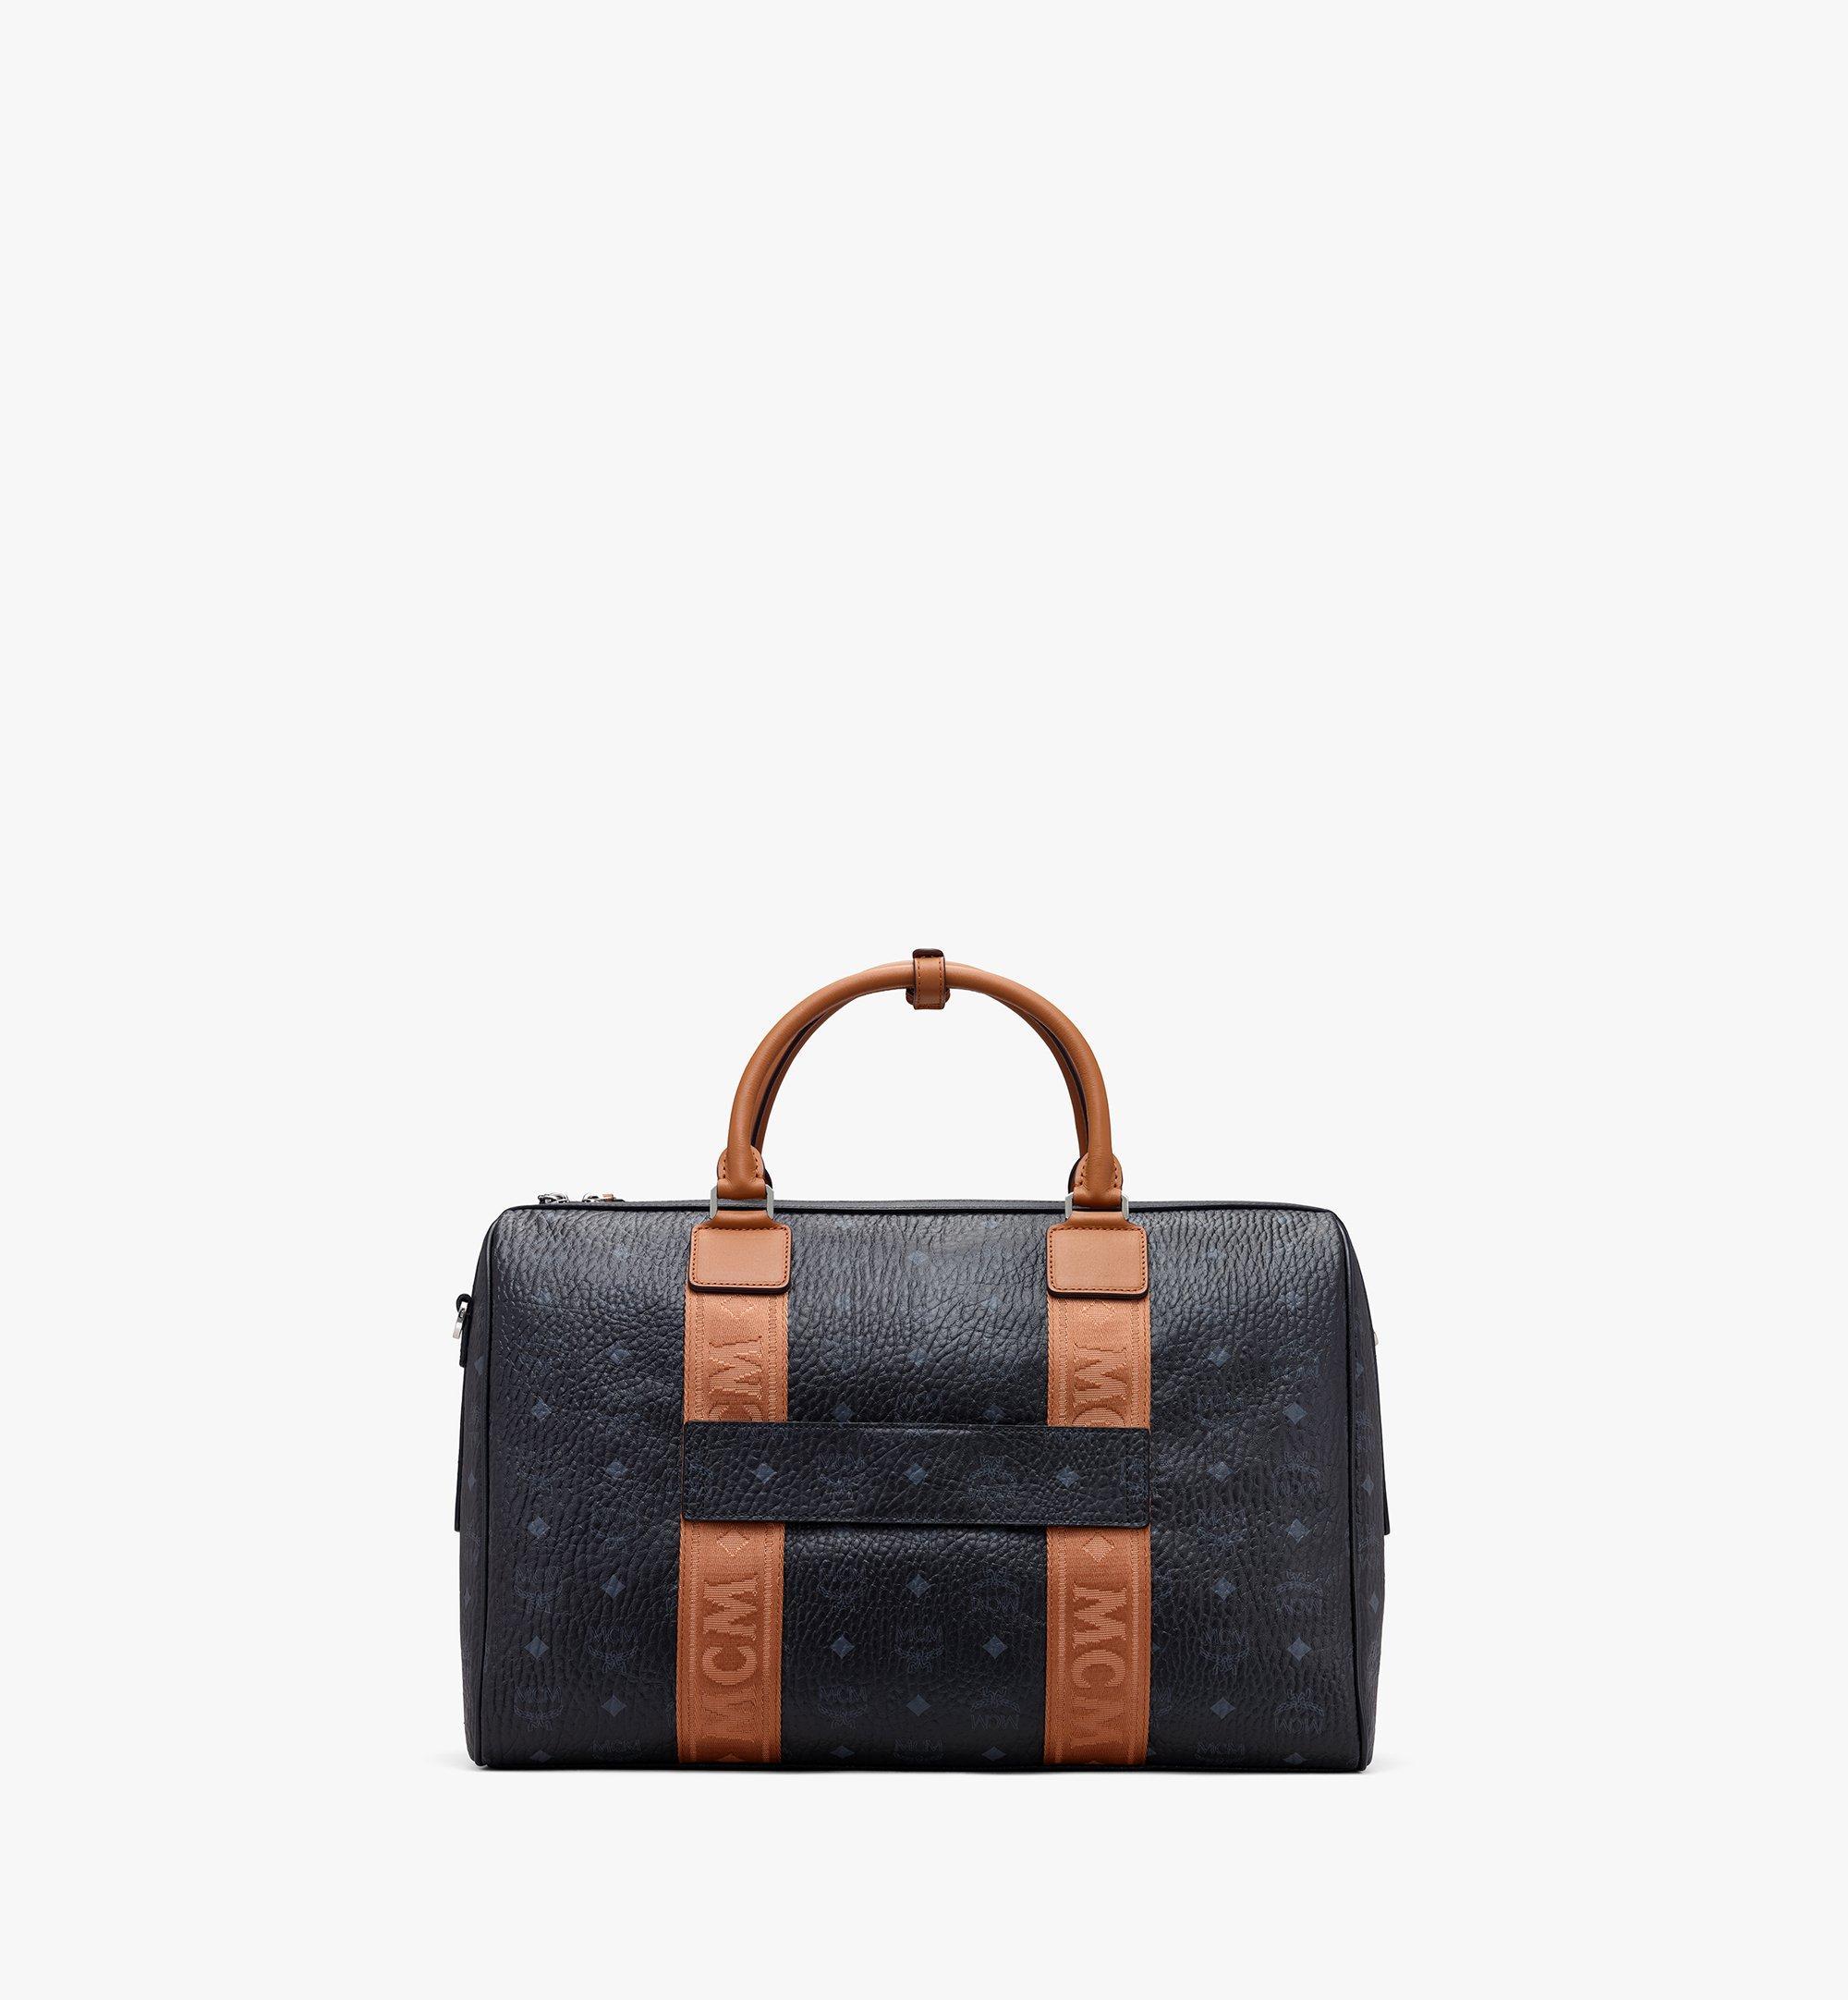 MCM Traveler Weekender Bag in Visetos Black MMVASVY05BK001 Alternate View 2